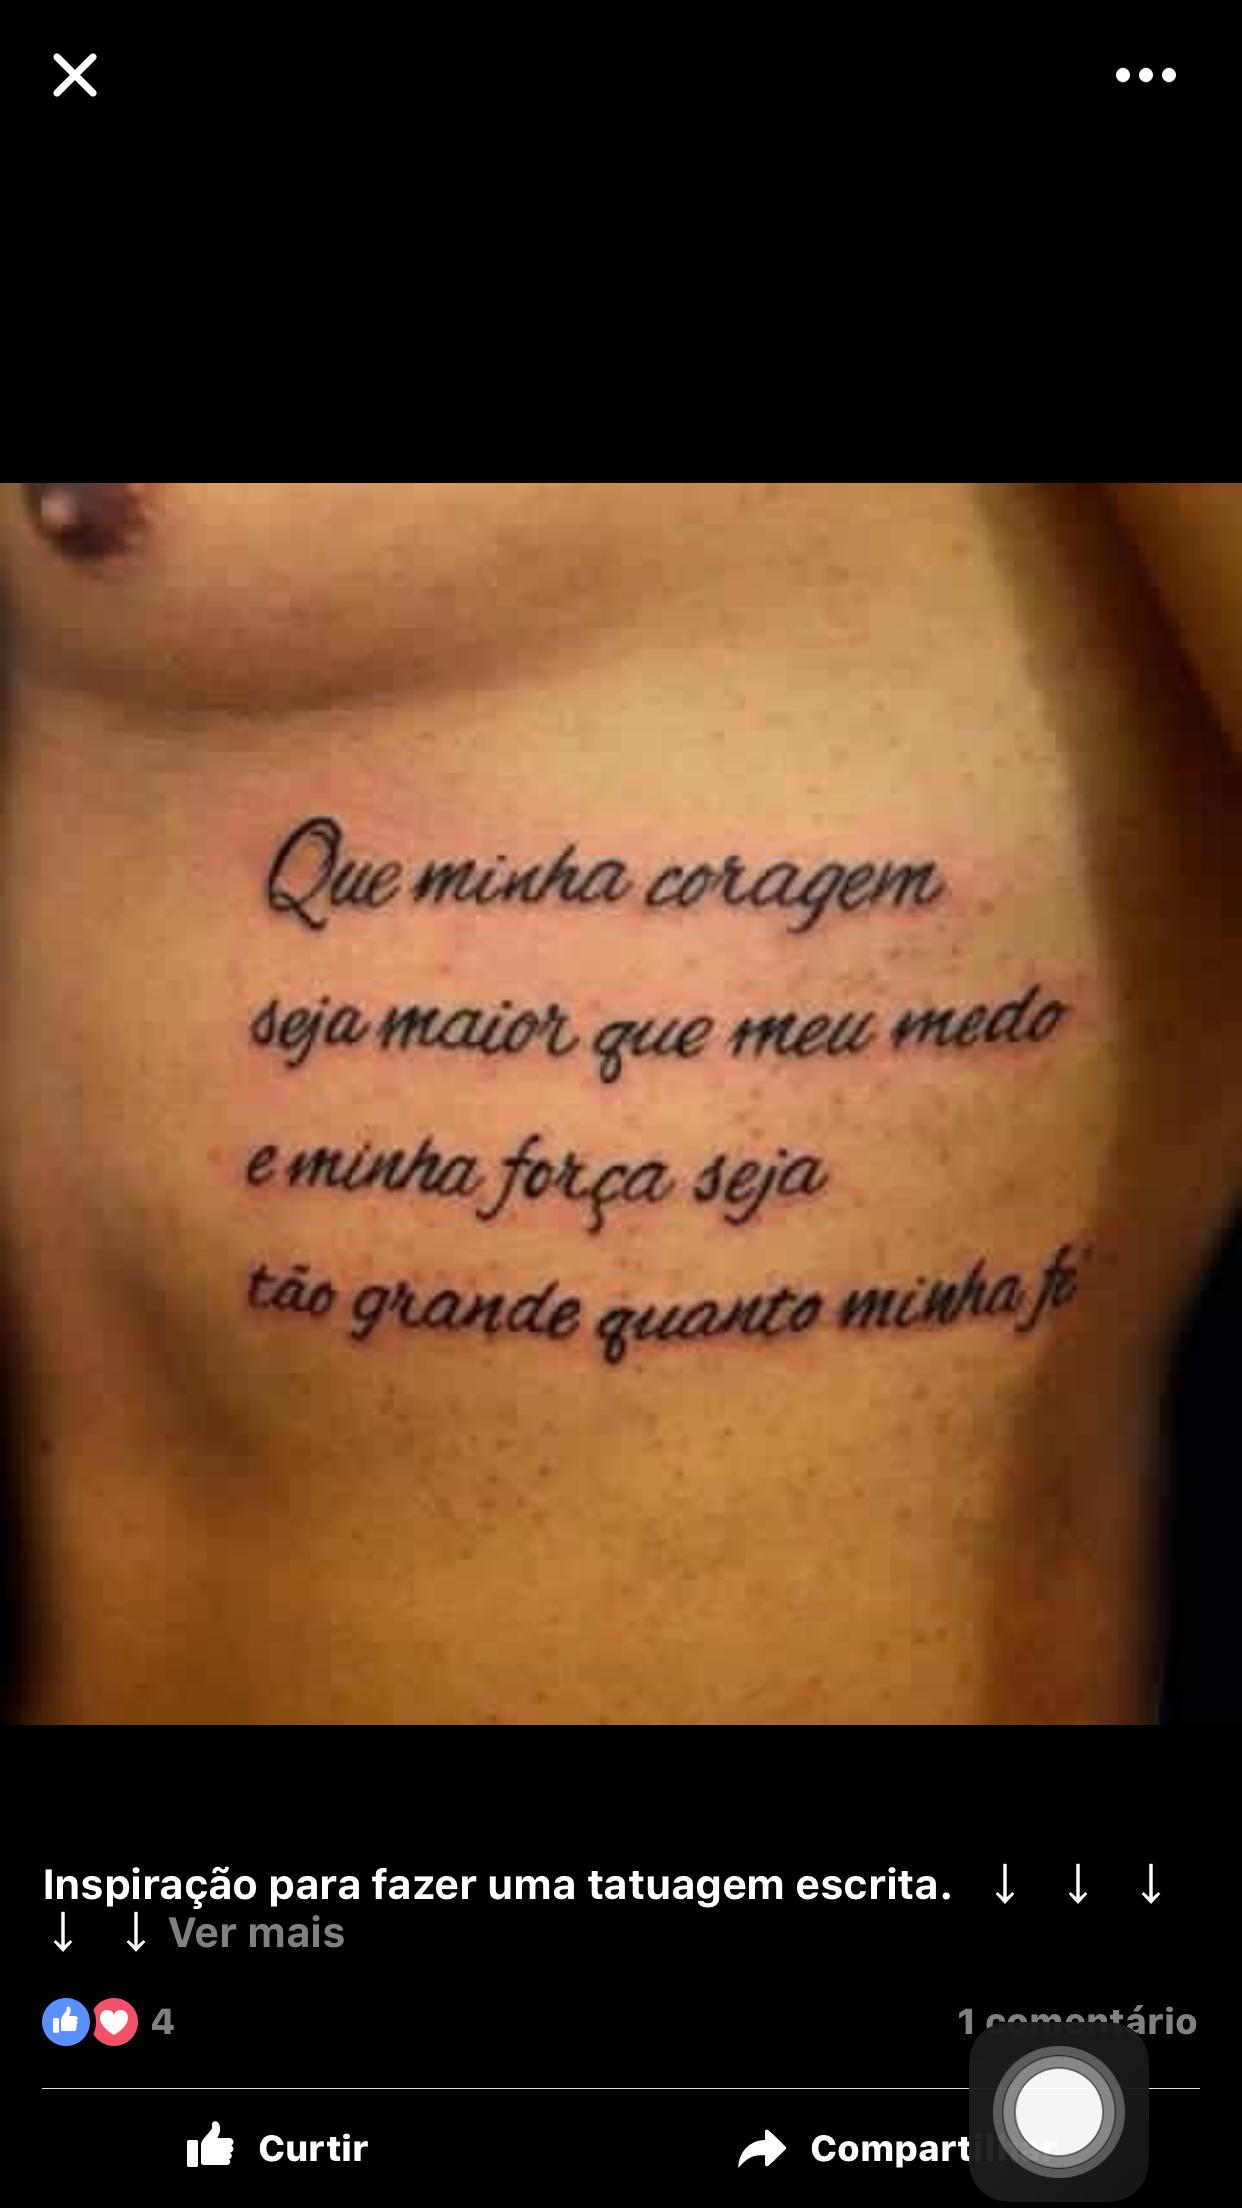 Tattoo Costela Tatto Costela Tattoos Tatt E Picture Tattoos